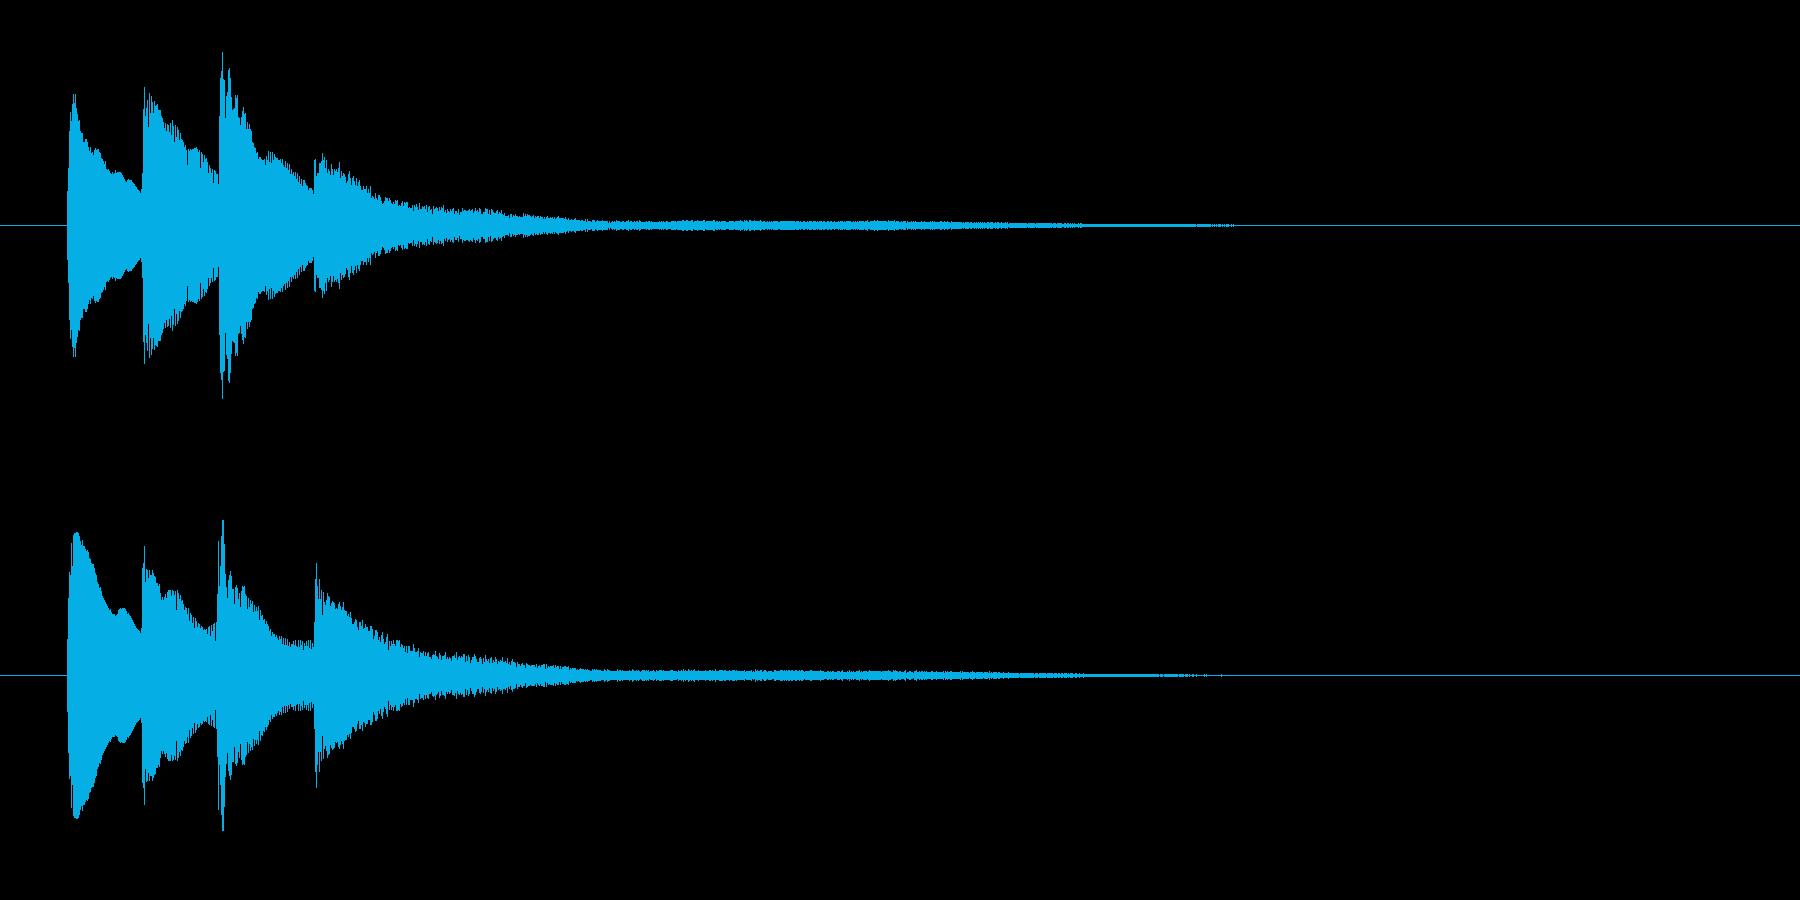 流れるようなイメージのピアノジングルの再生済みの波形